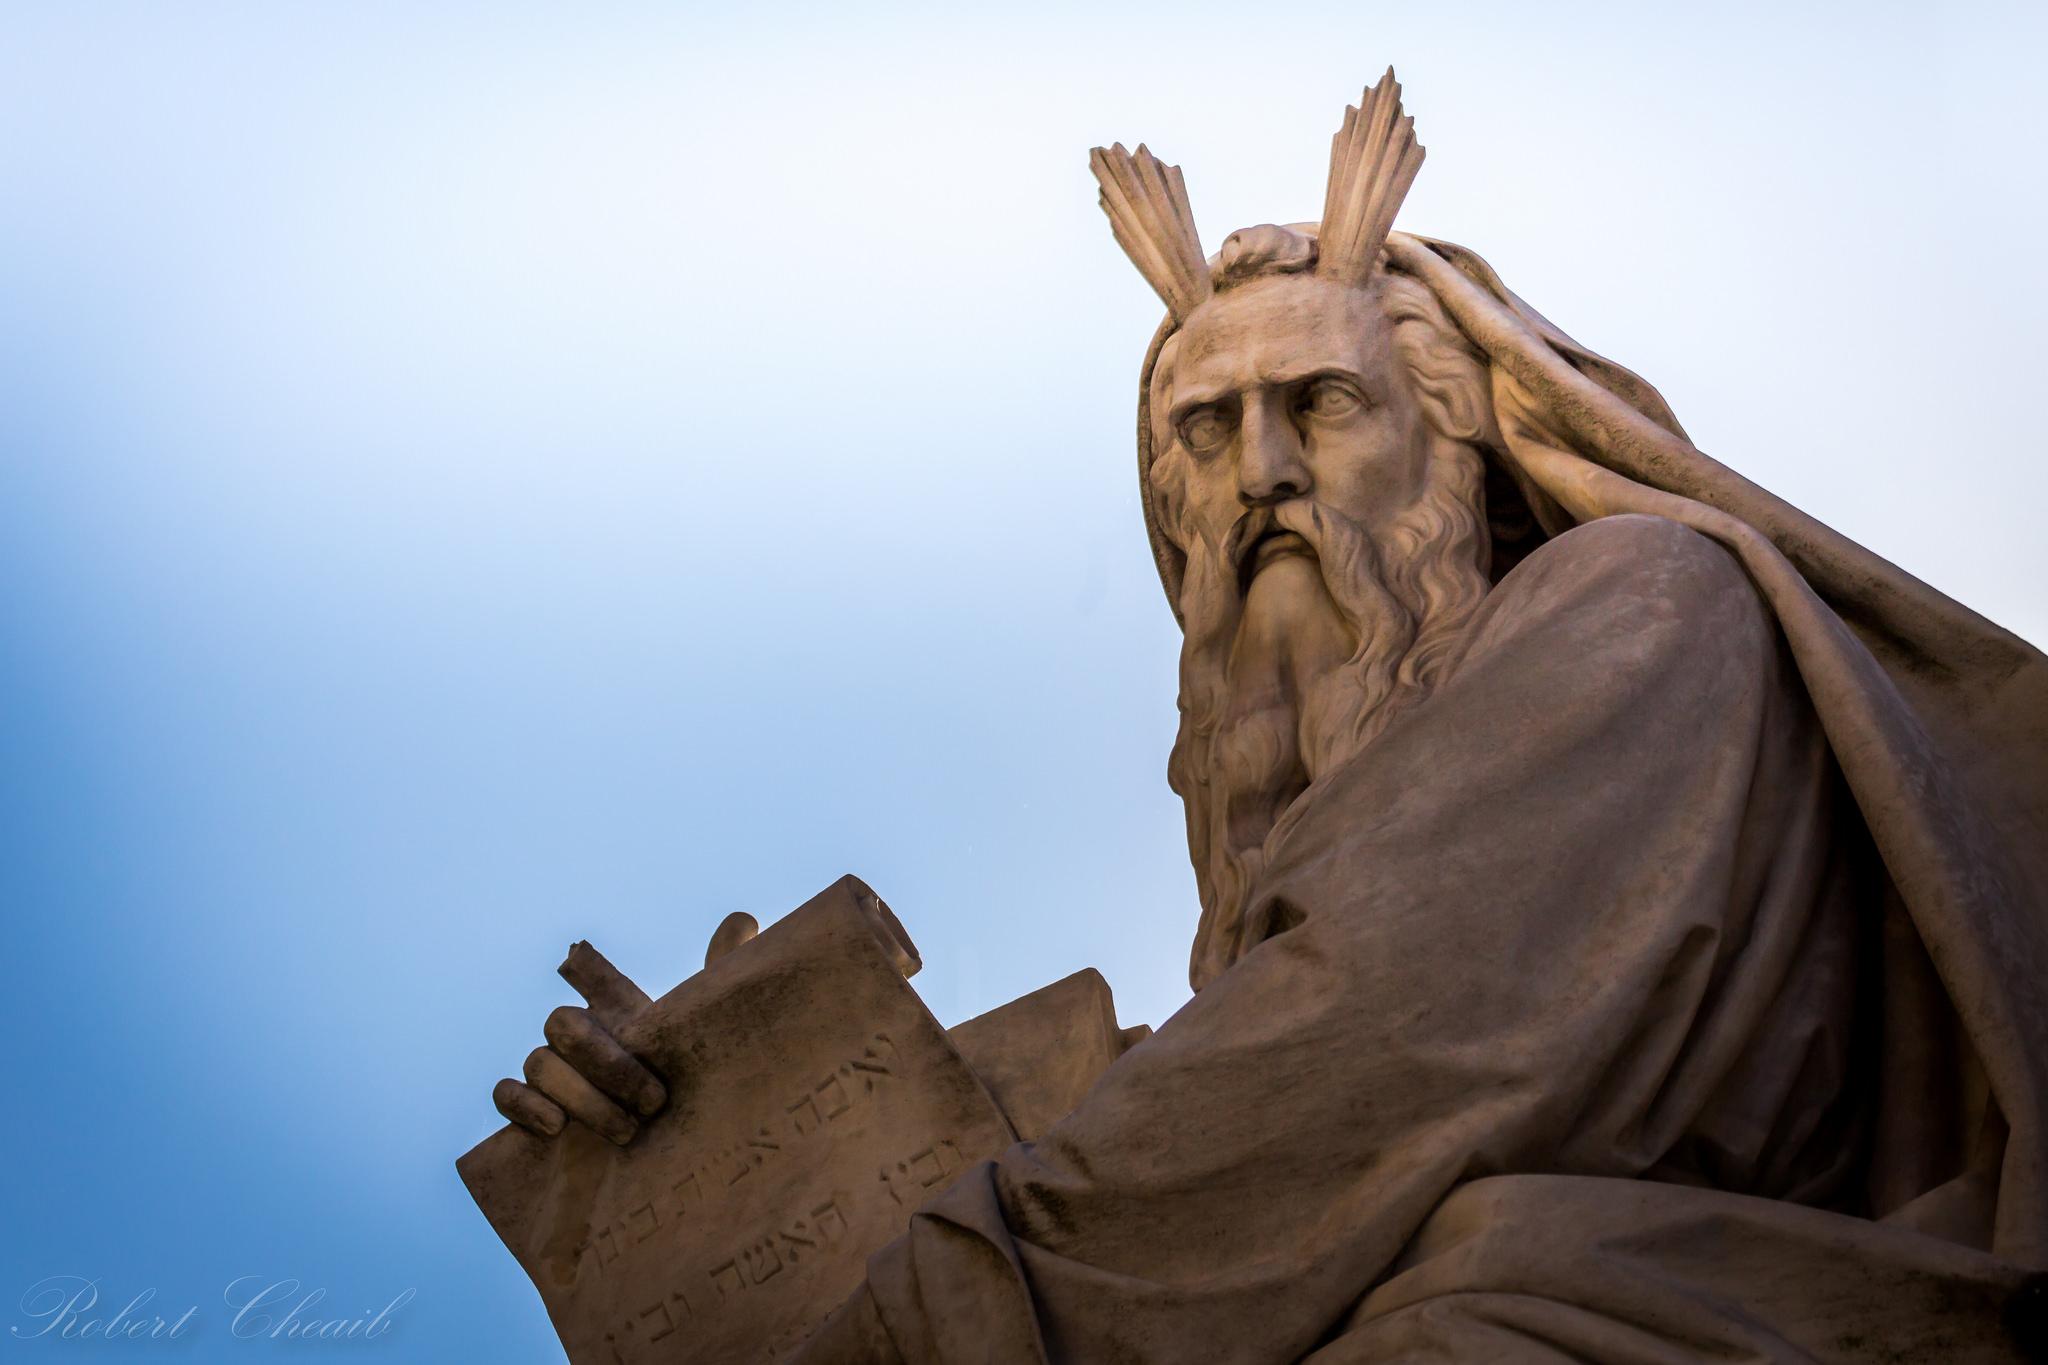 Moses - Ten Comandments Bible